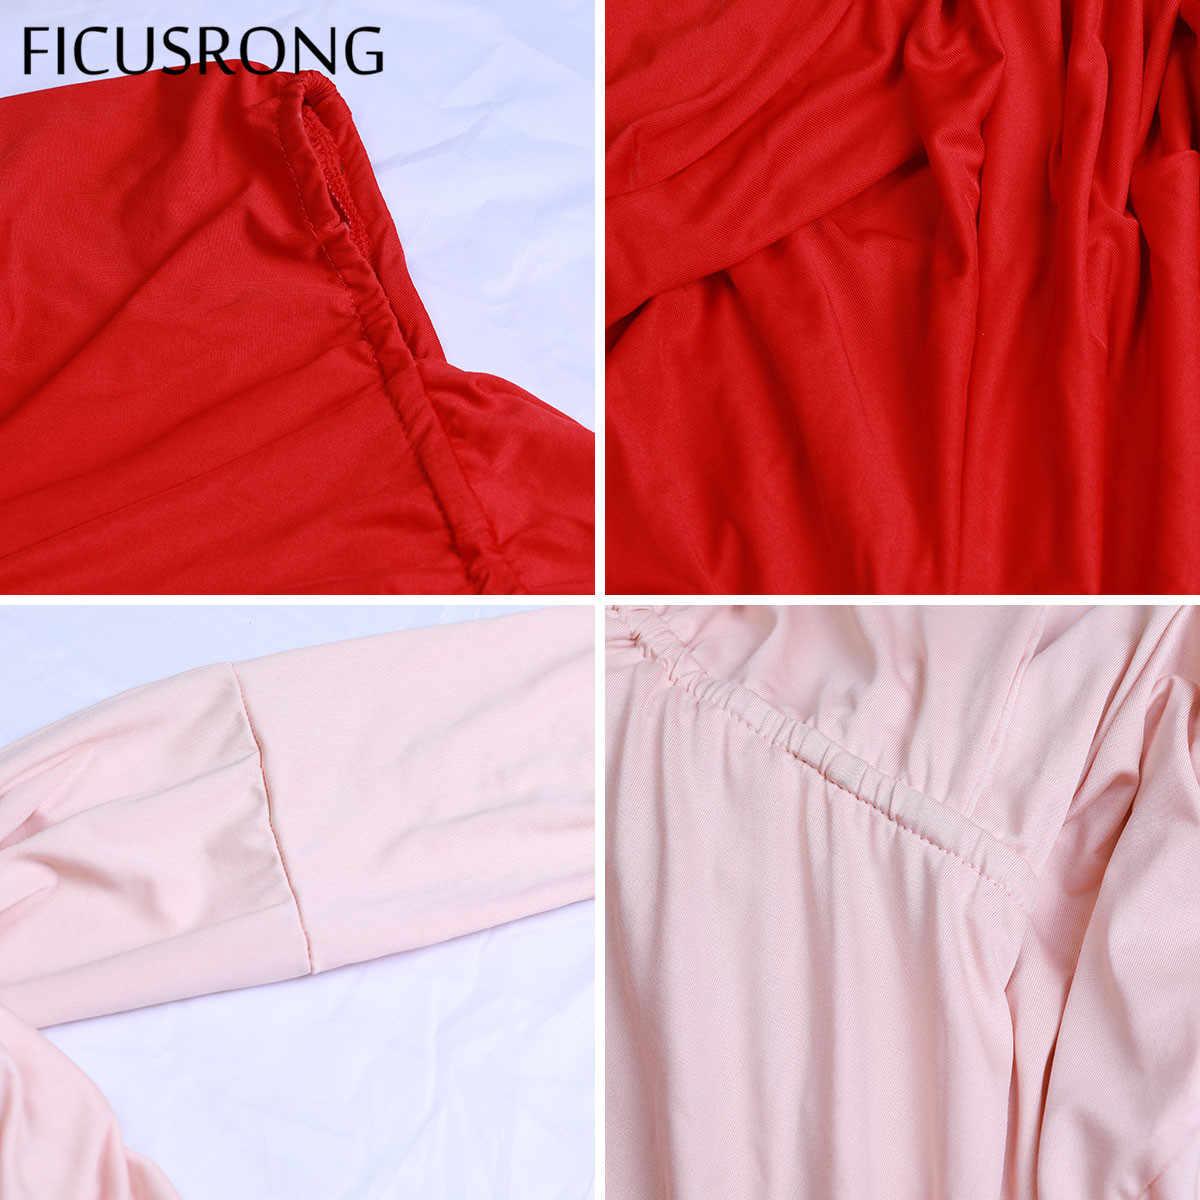 Сексуальное длинное платье подружки невесты, вечернее, многослойное, с обёртыванием, бесконечное, длинное, красное, с вырезами, вечерние, Бандажное, Vestidos FICUSRONG